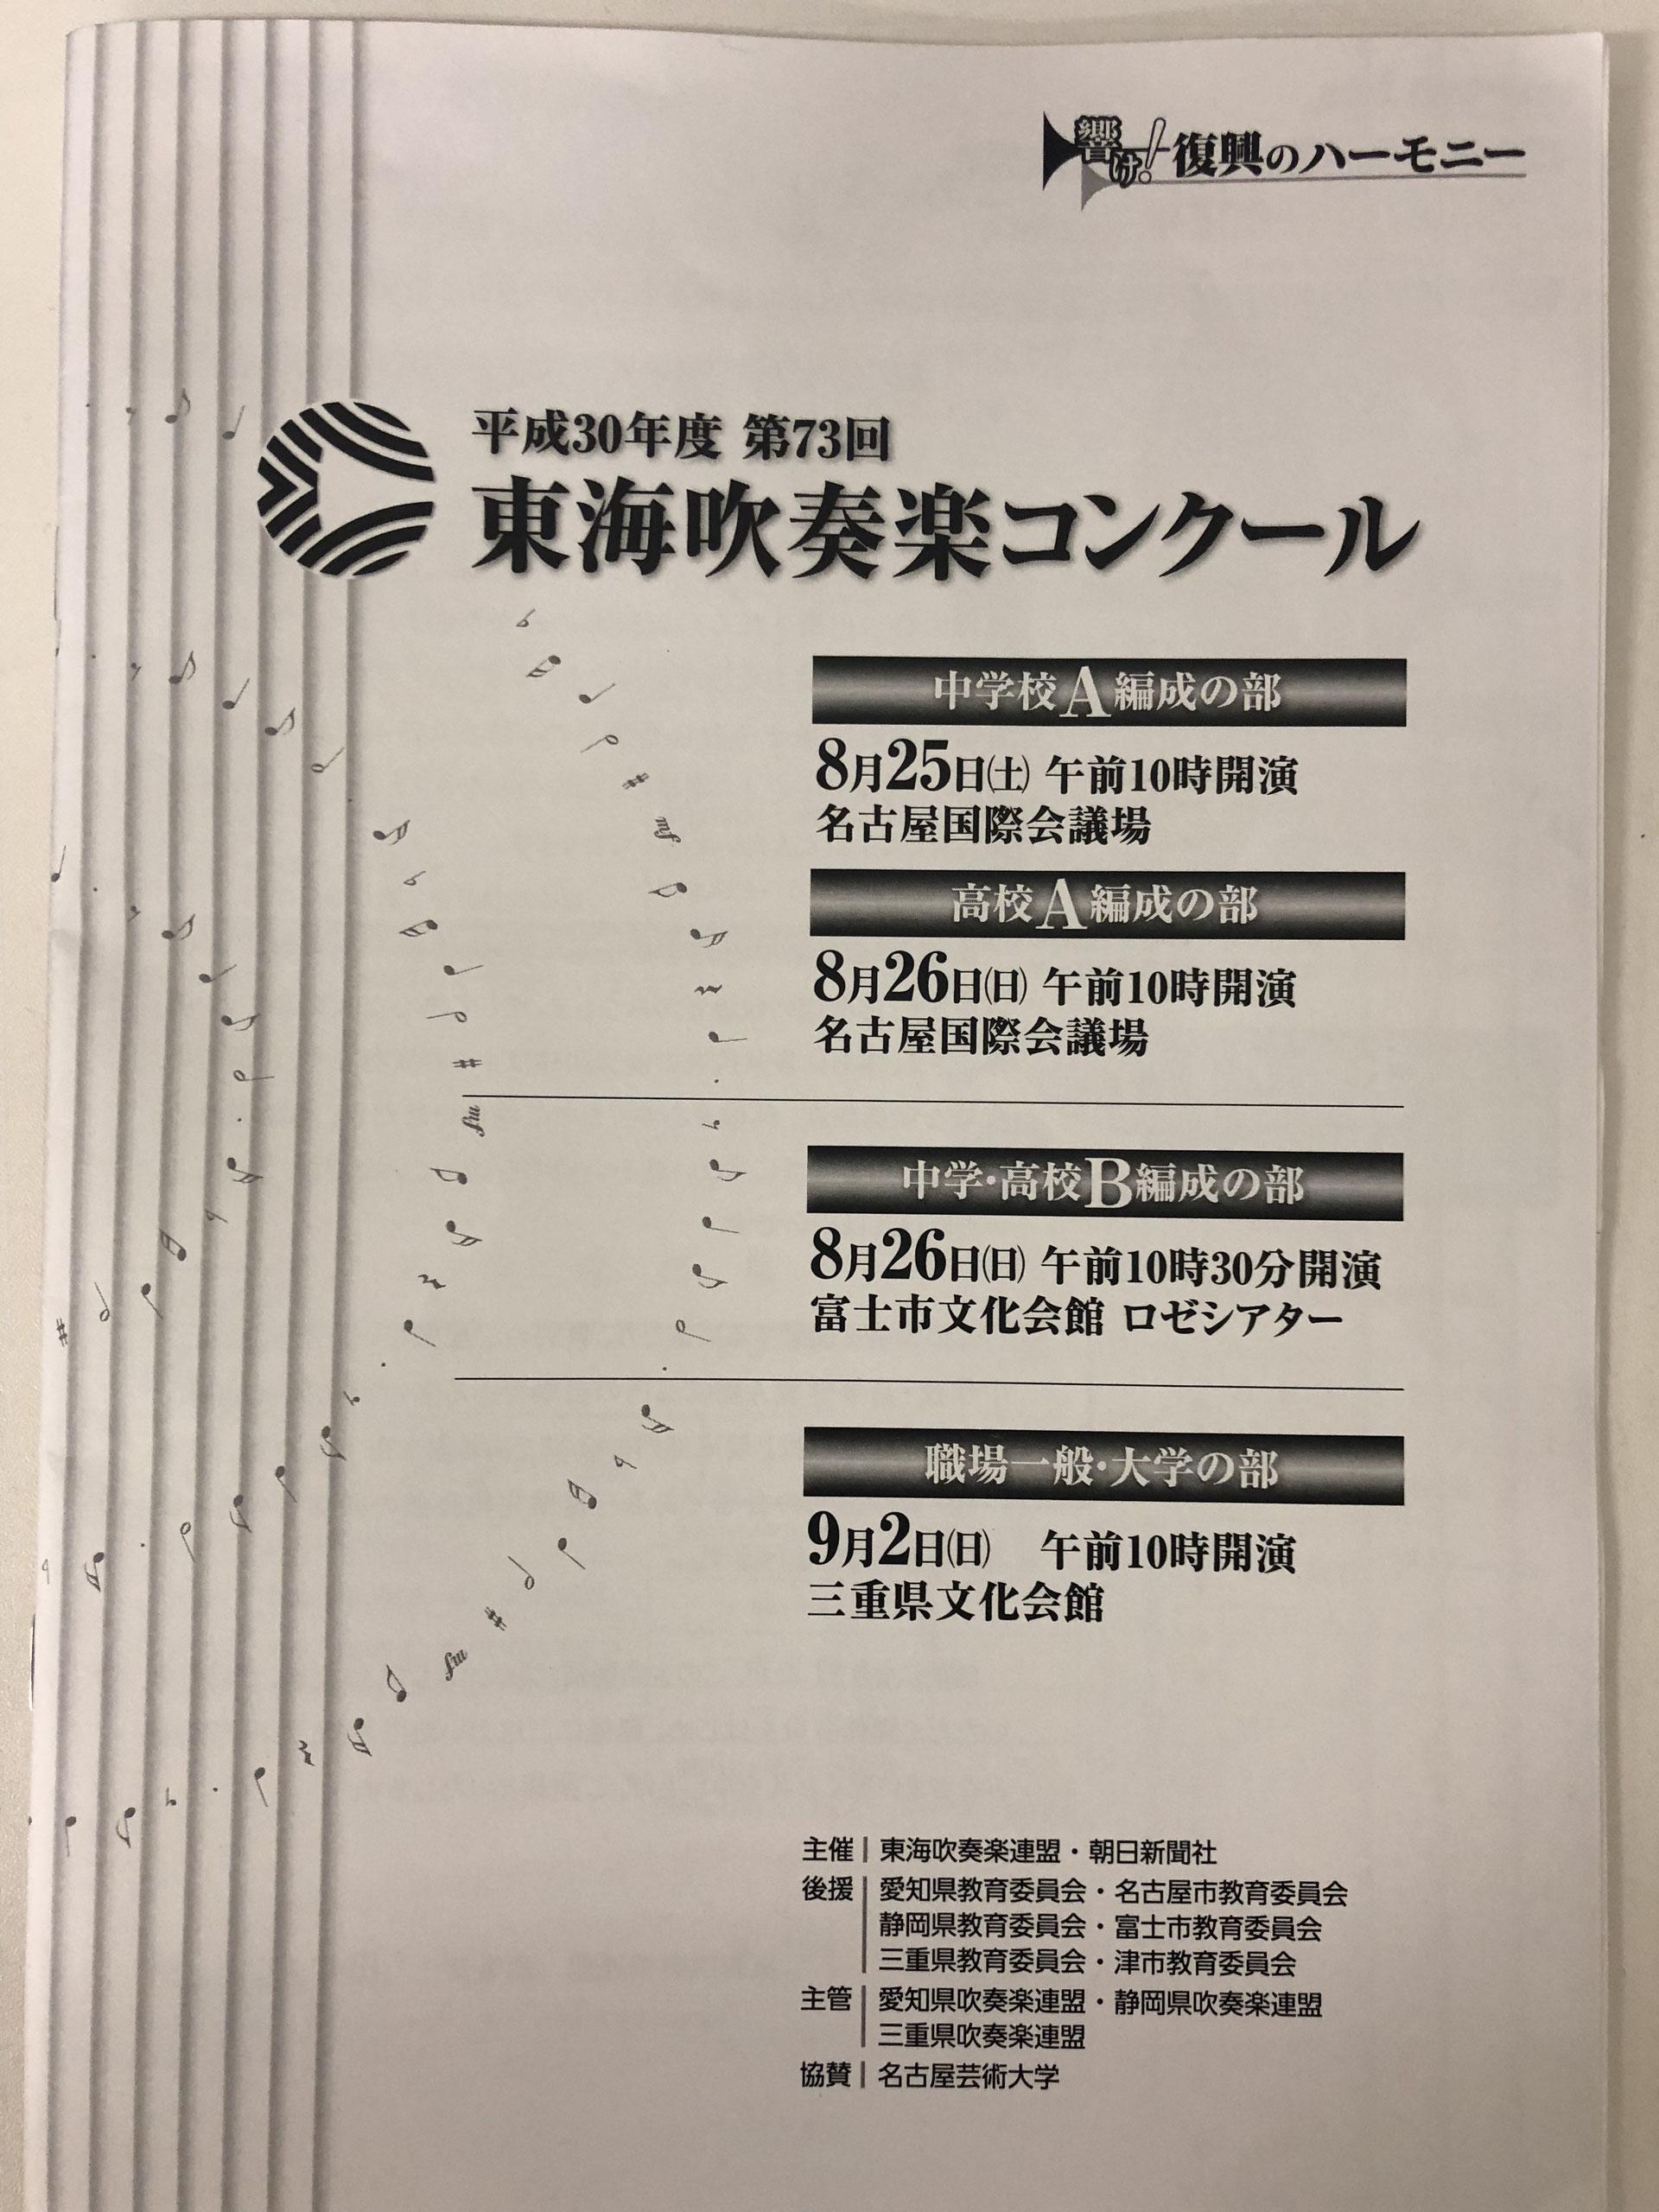 静岡 県 吹奏楽 コンクール 2019